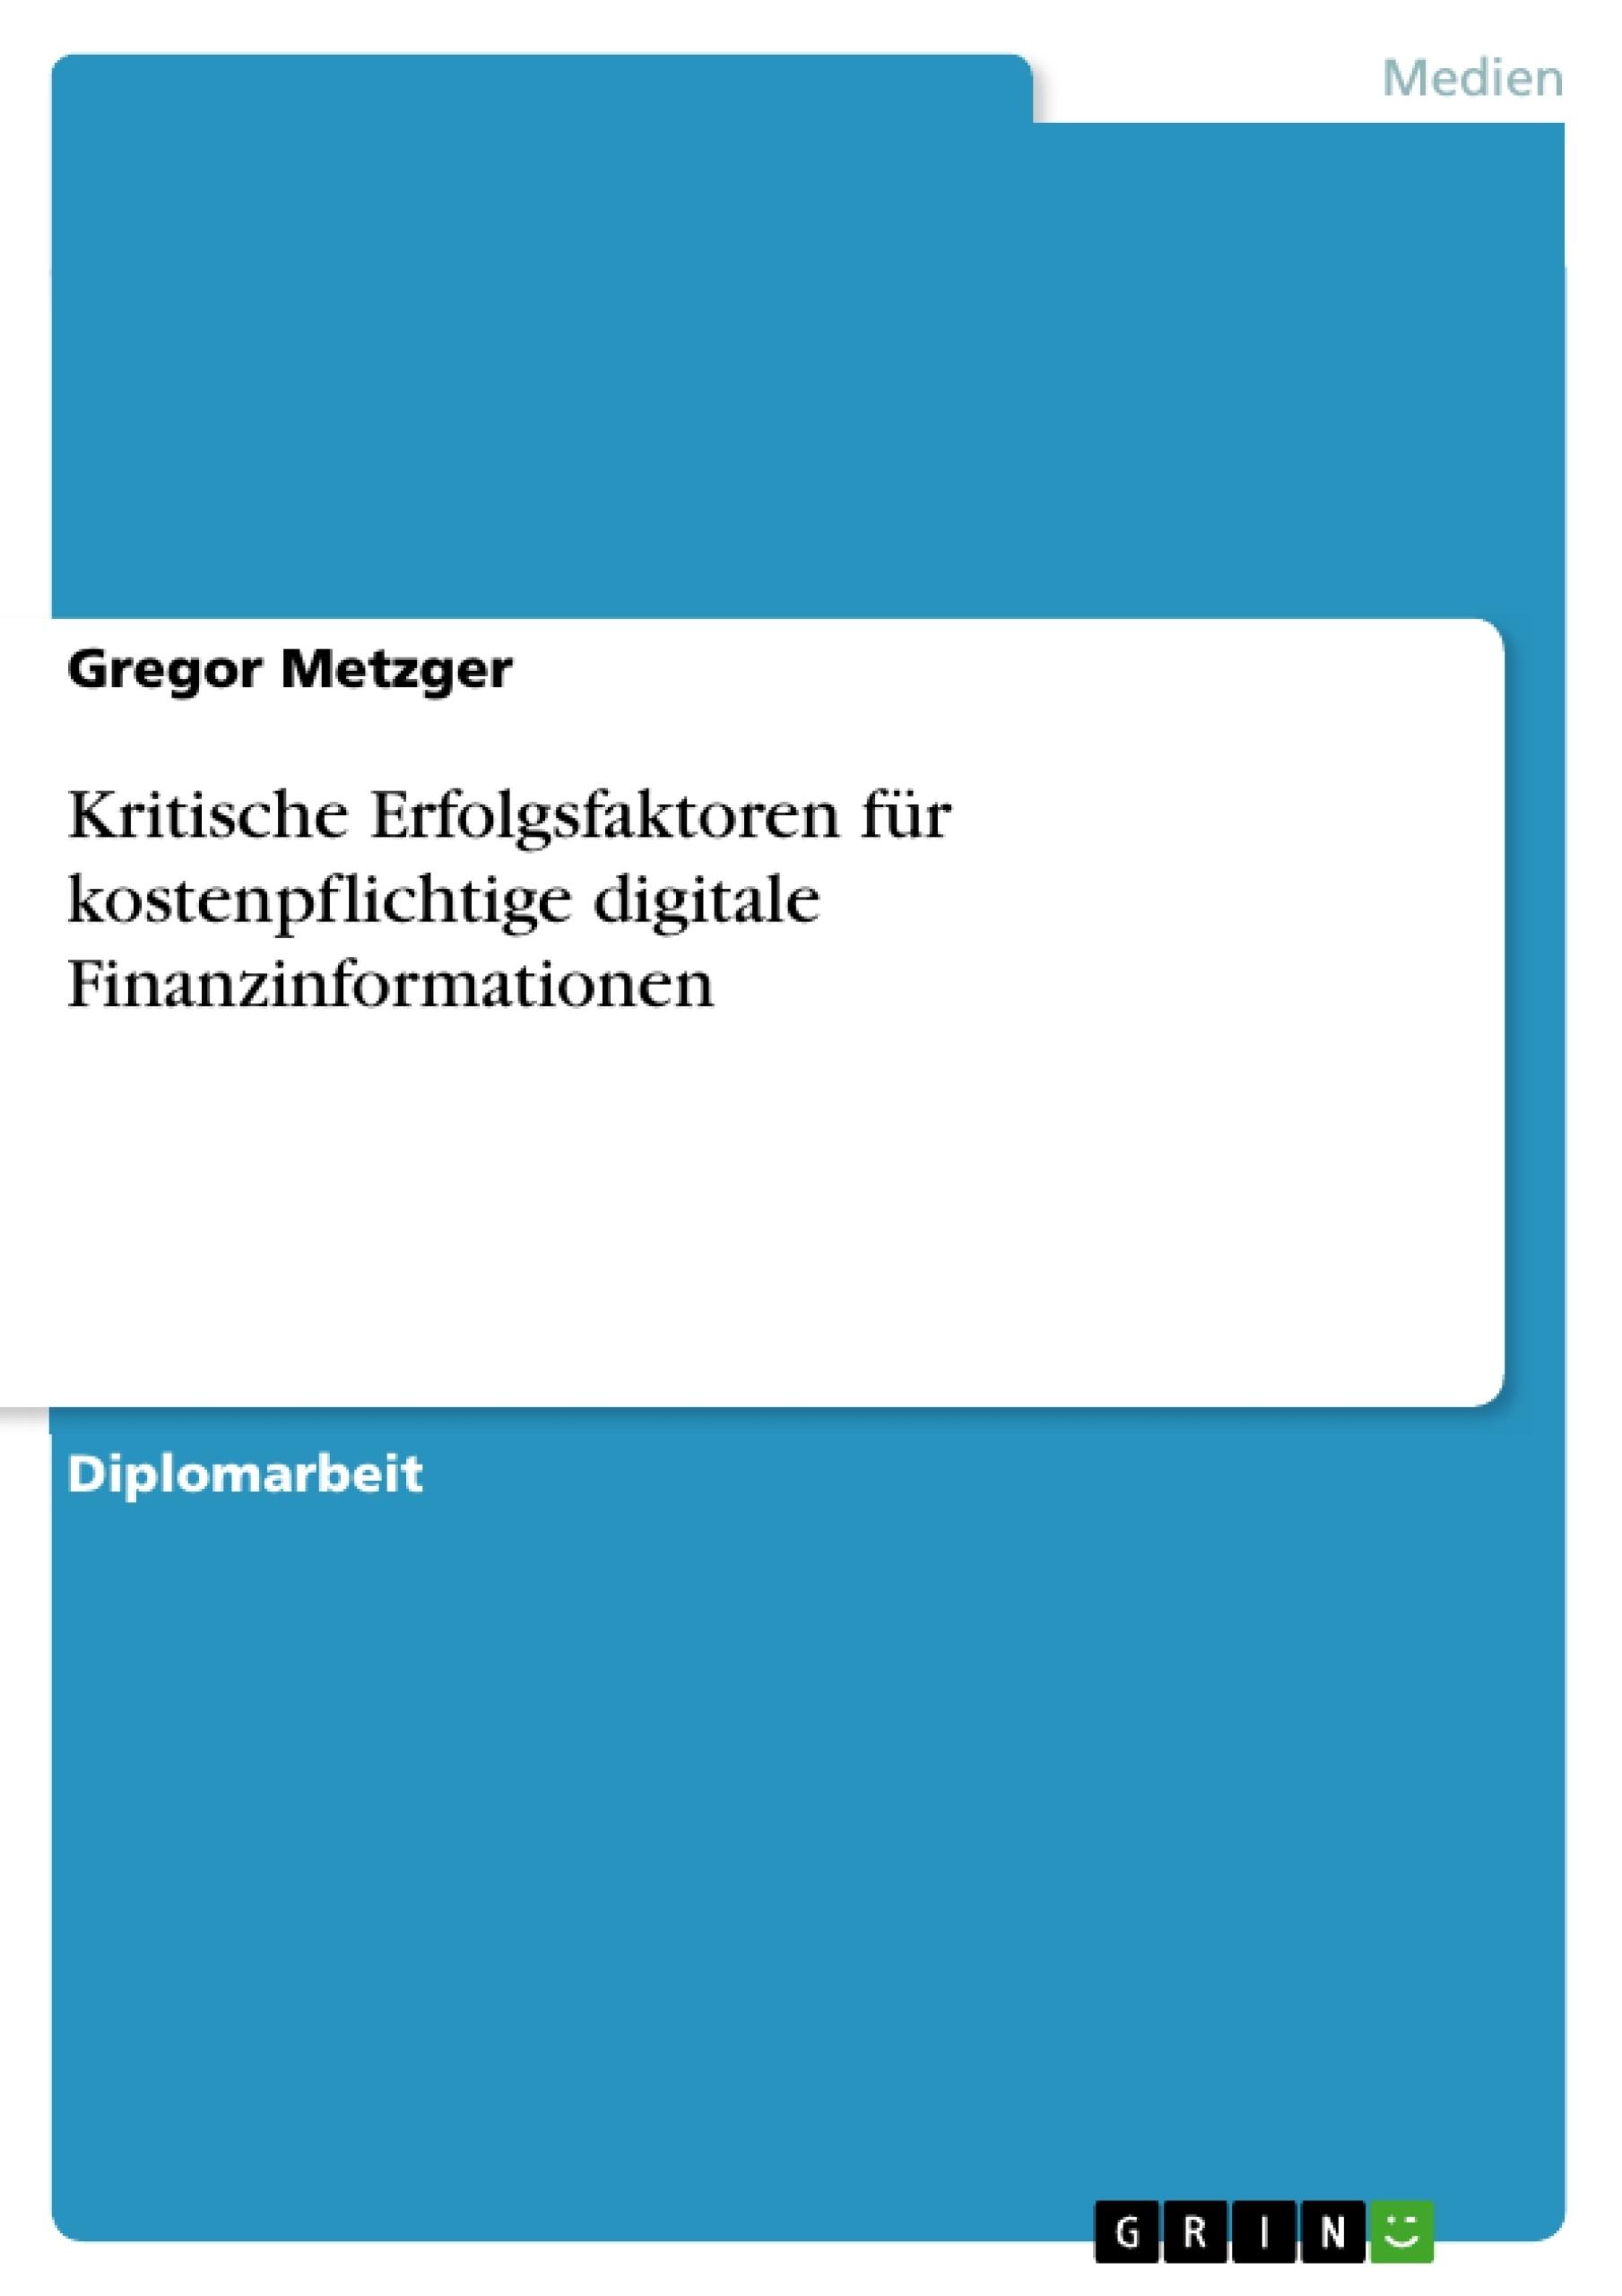 Titel: Kritische Erfolgsfaktoren für kostenpflichtige digitale Finanzinformationen